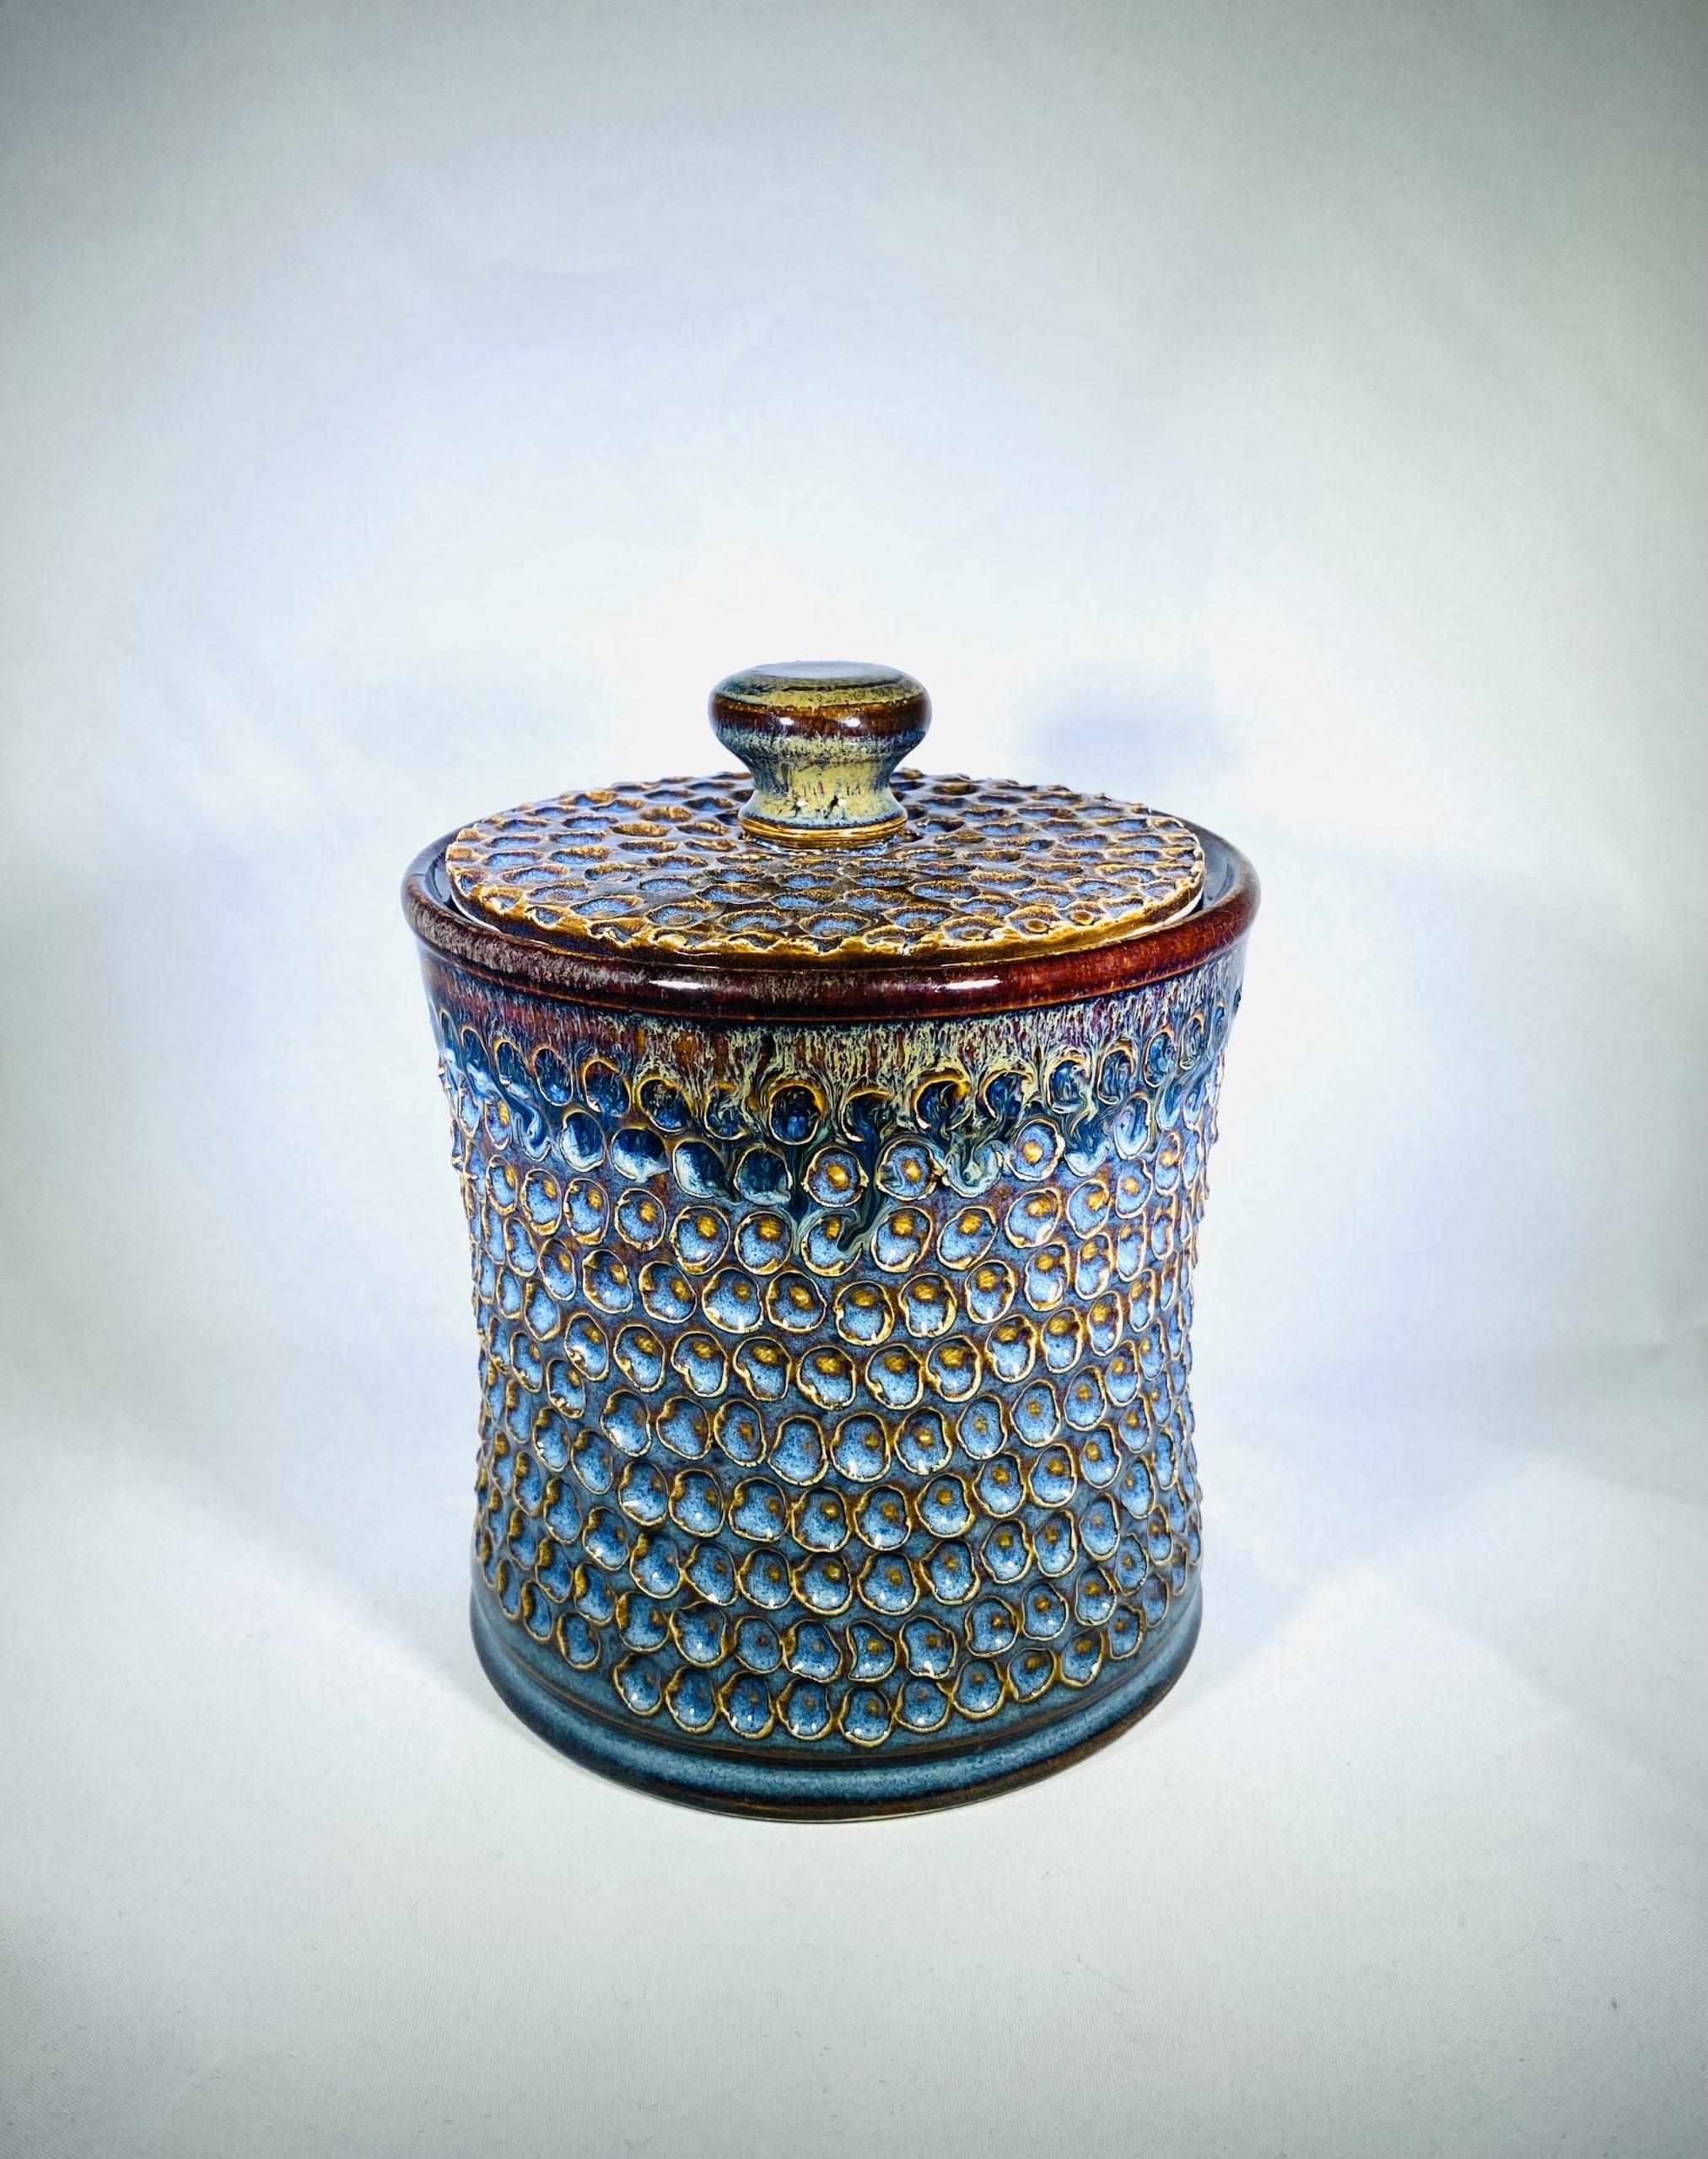 Liz Butler Lidded Jar Ceramic